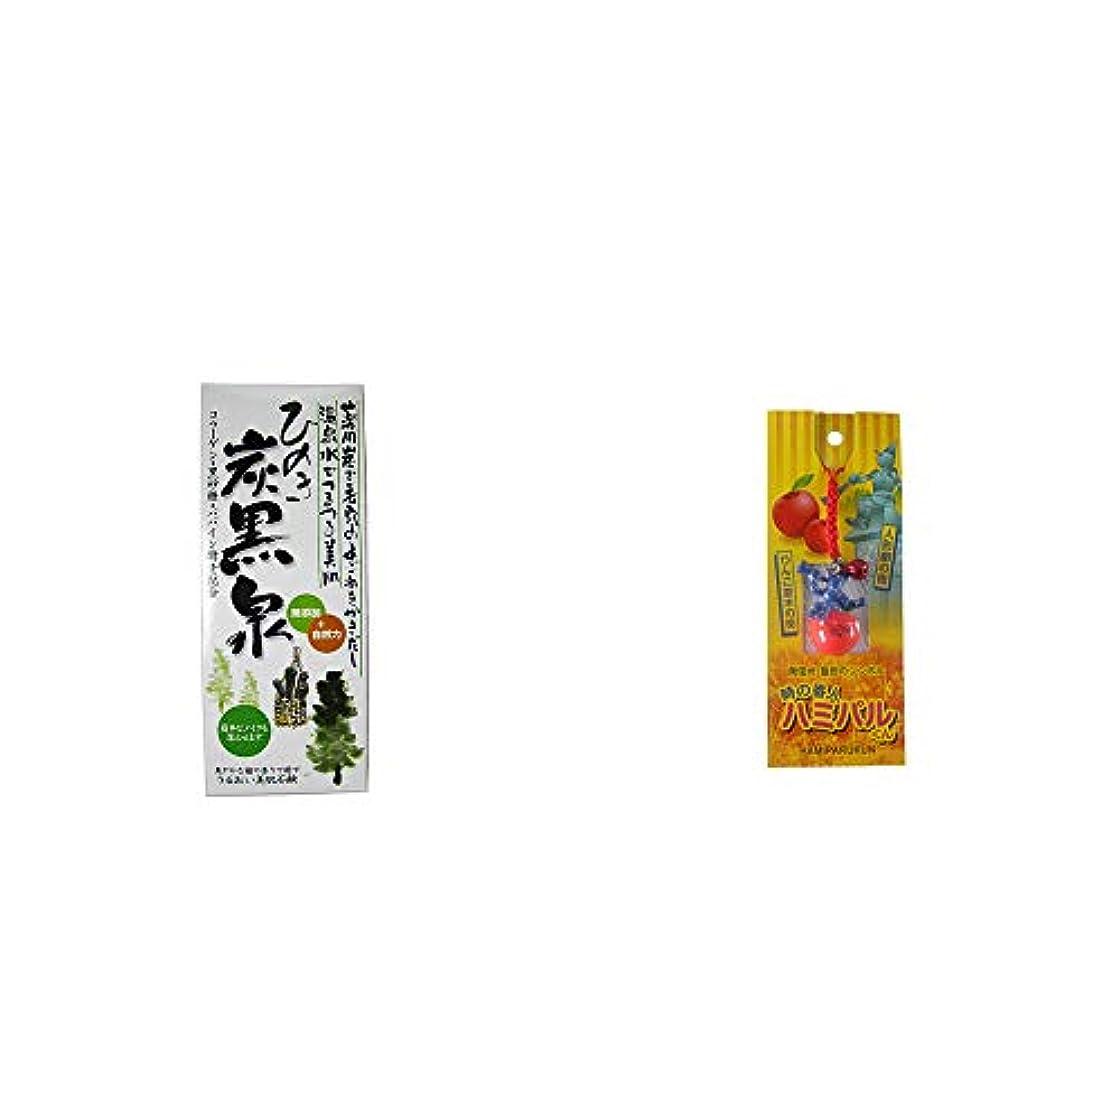 投獄汚れた正気[2点セット] ひのき炭黒泉 箱入り(75g×3)?信州?飯田のシンボル 時の番人ハミパルくんストラップ